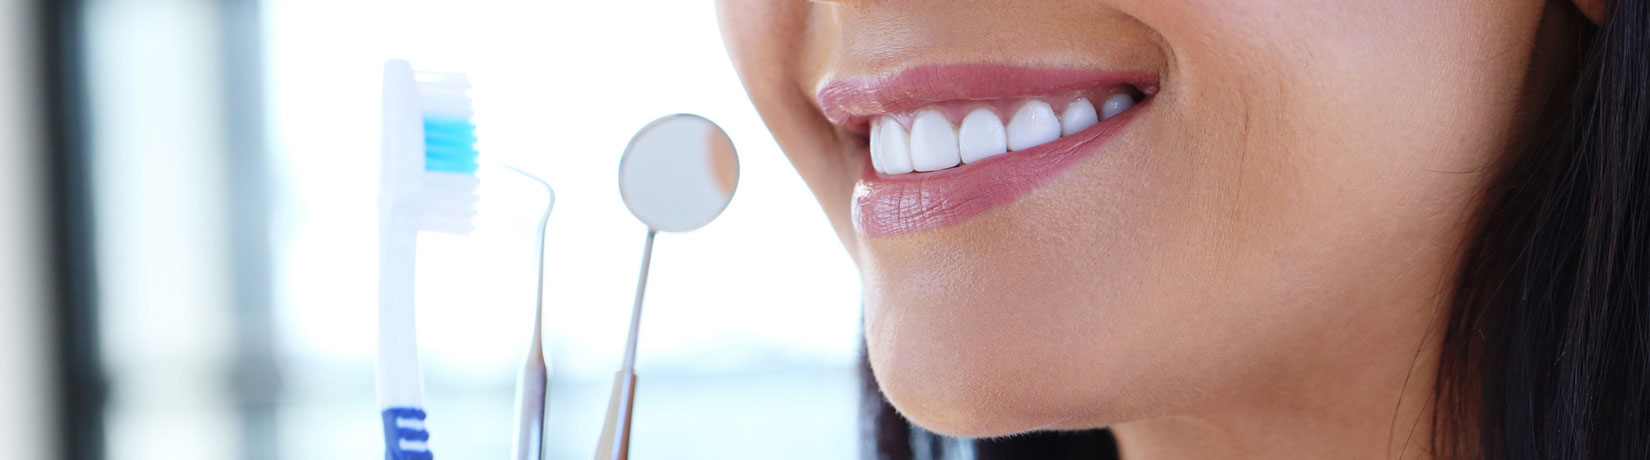 5 простых советов по уходу за полостью рта